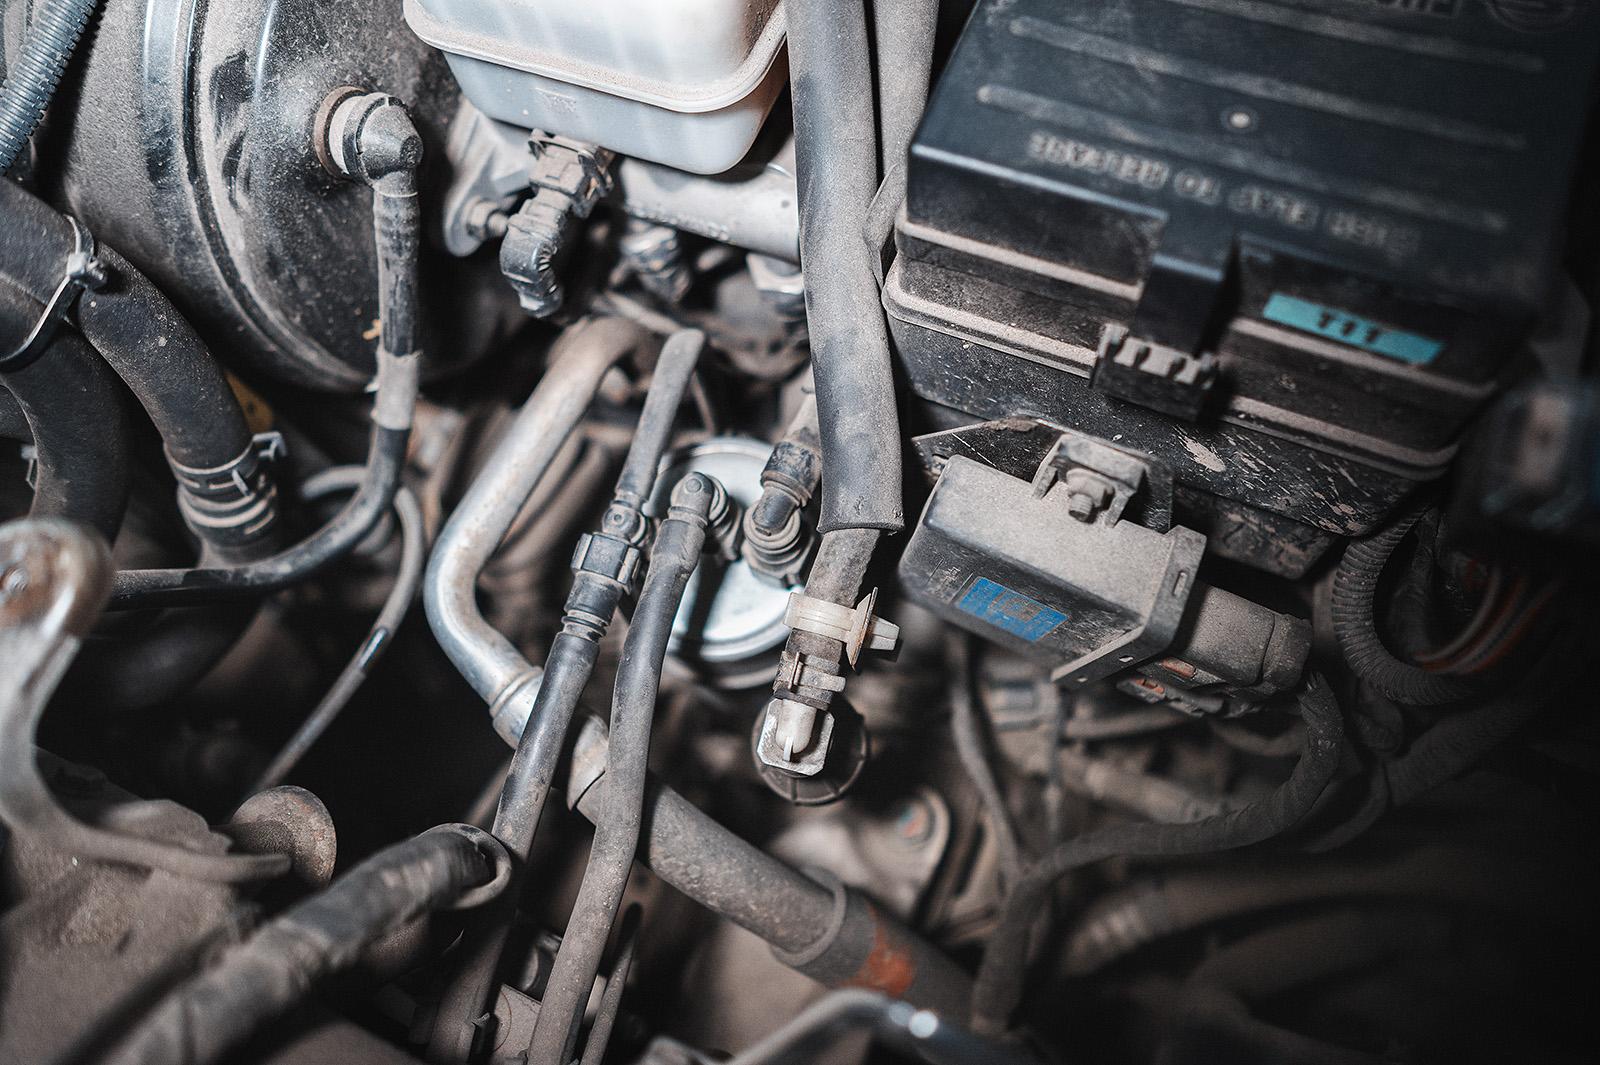 Топливный фильтр расположен с левой стороны от двигателя